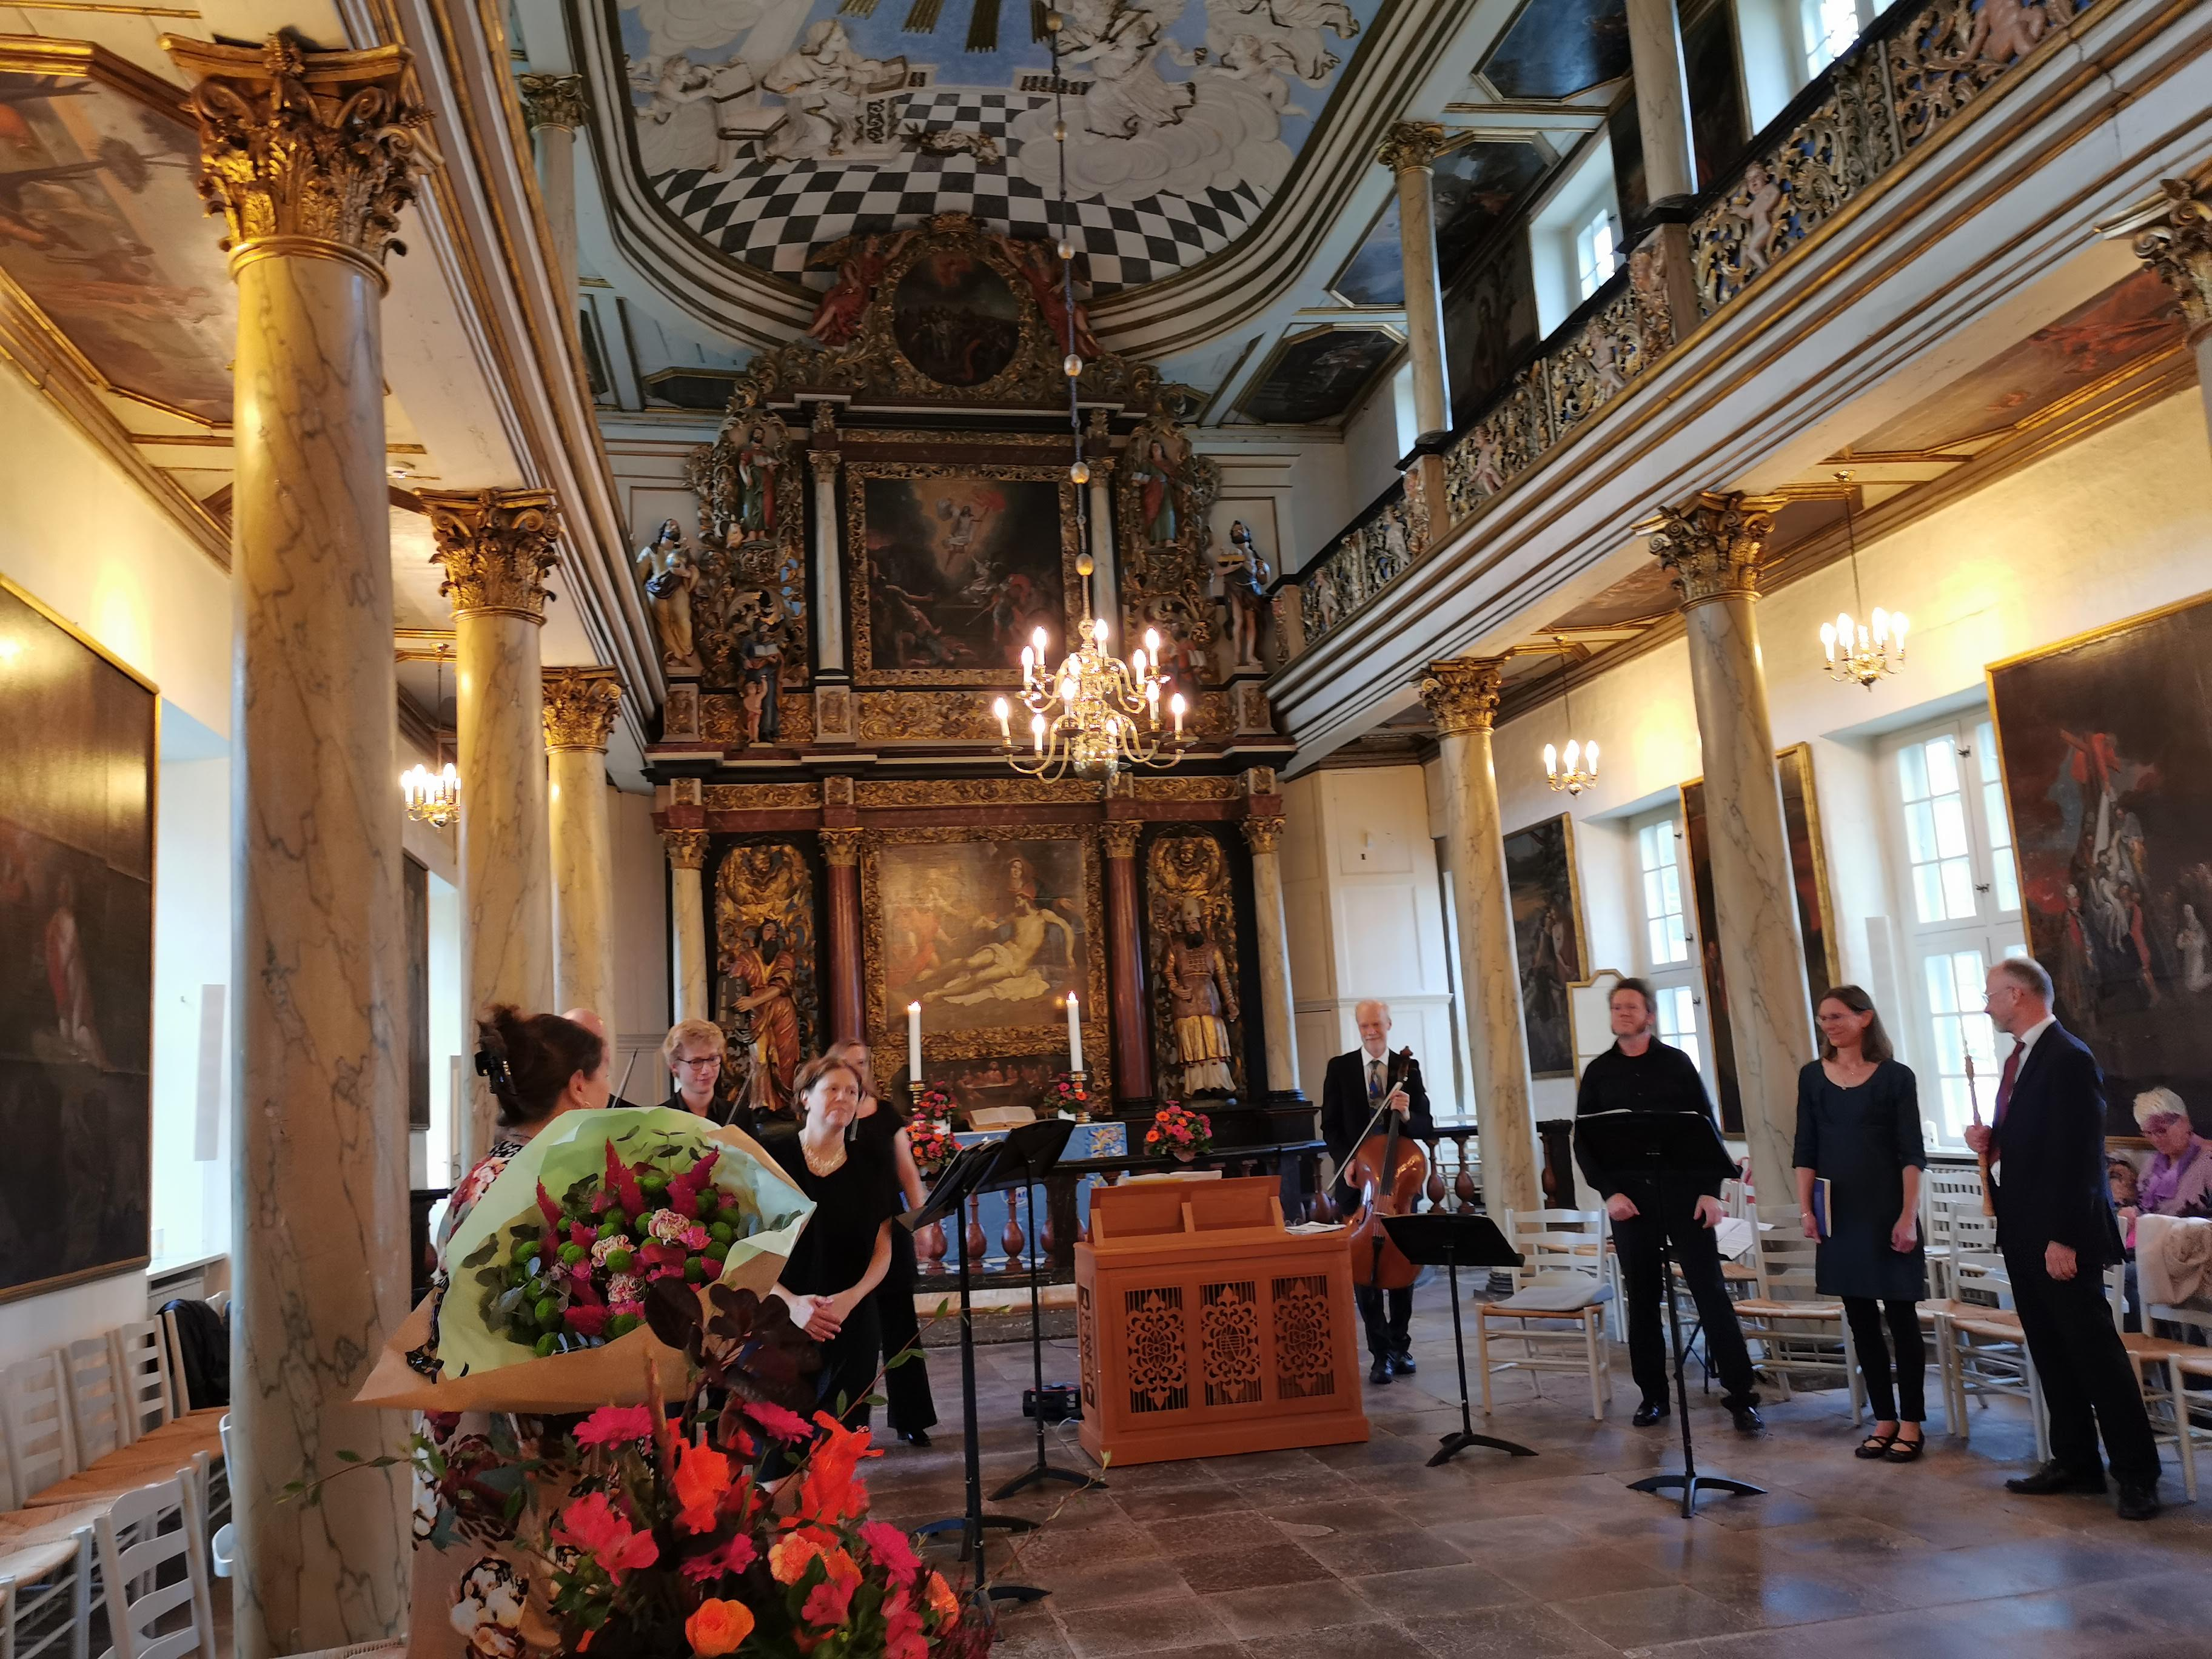 Lars Hedelius Strikkertsen spillede b.la. musik af: Bach, Telemann, Vivaldi og Händel. Koncertindvielse af Slotskirkens nye kororgel bygget af Henk og Niels Klop med værkstedet i Gardener.